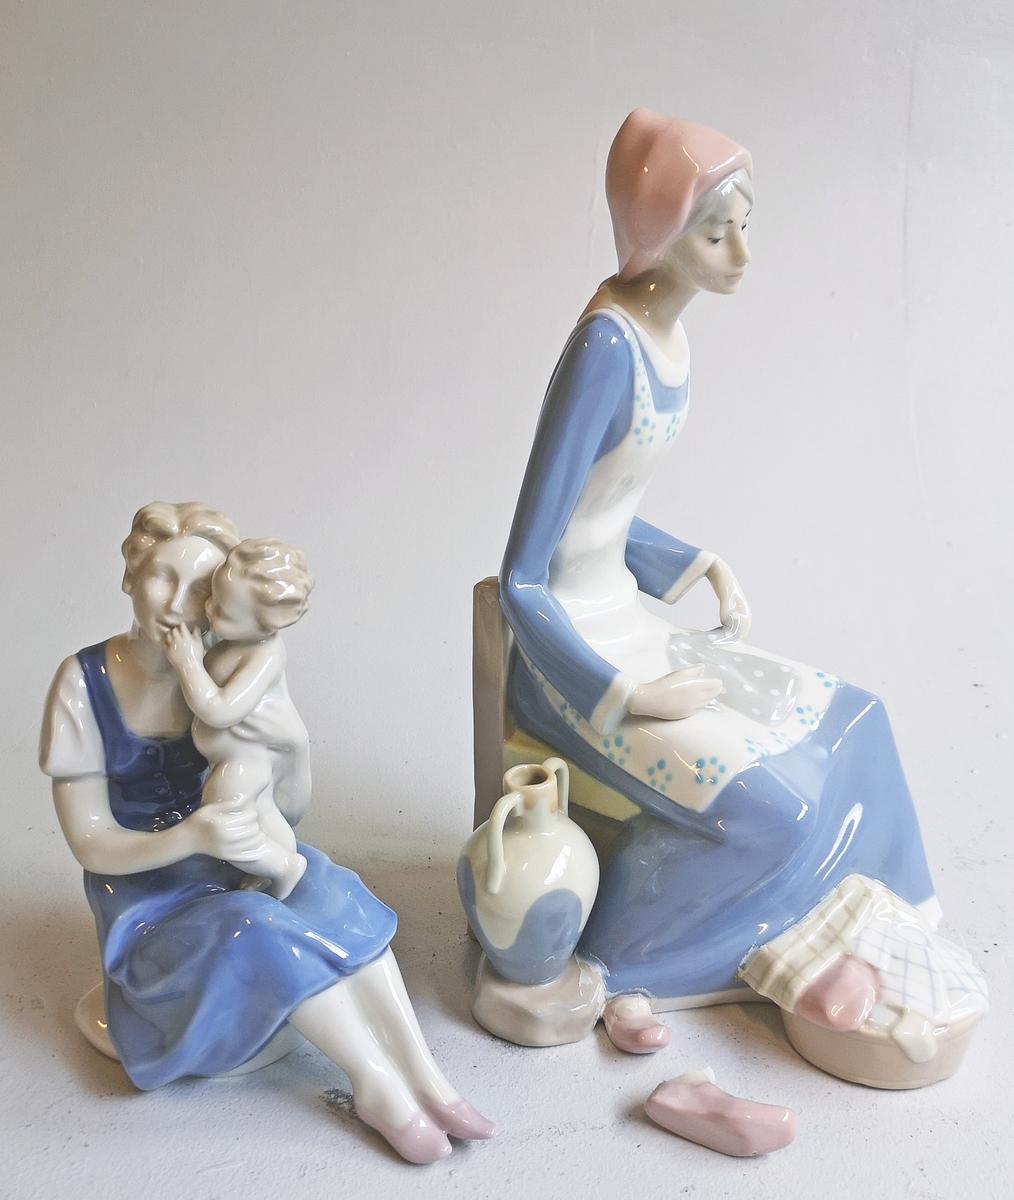 2 nipsfigurar i form av sittjande kvinner